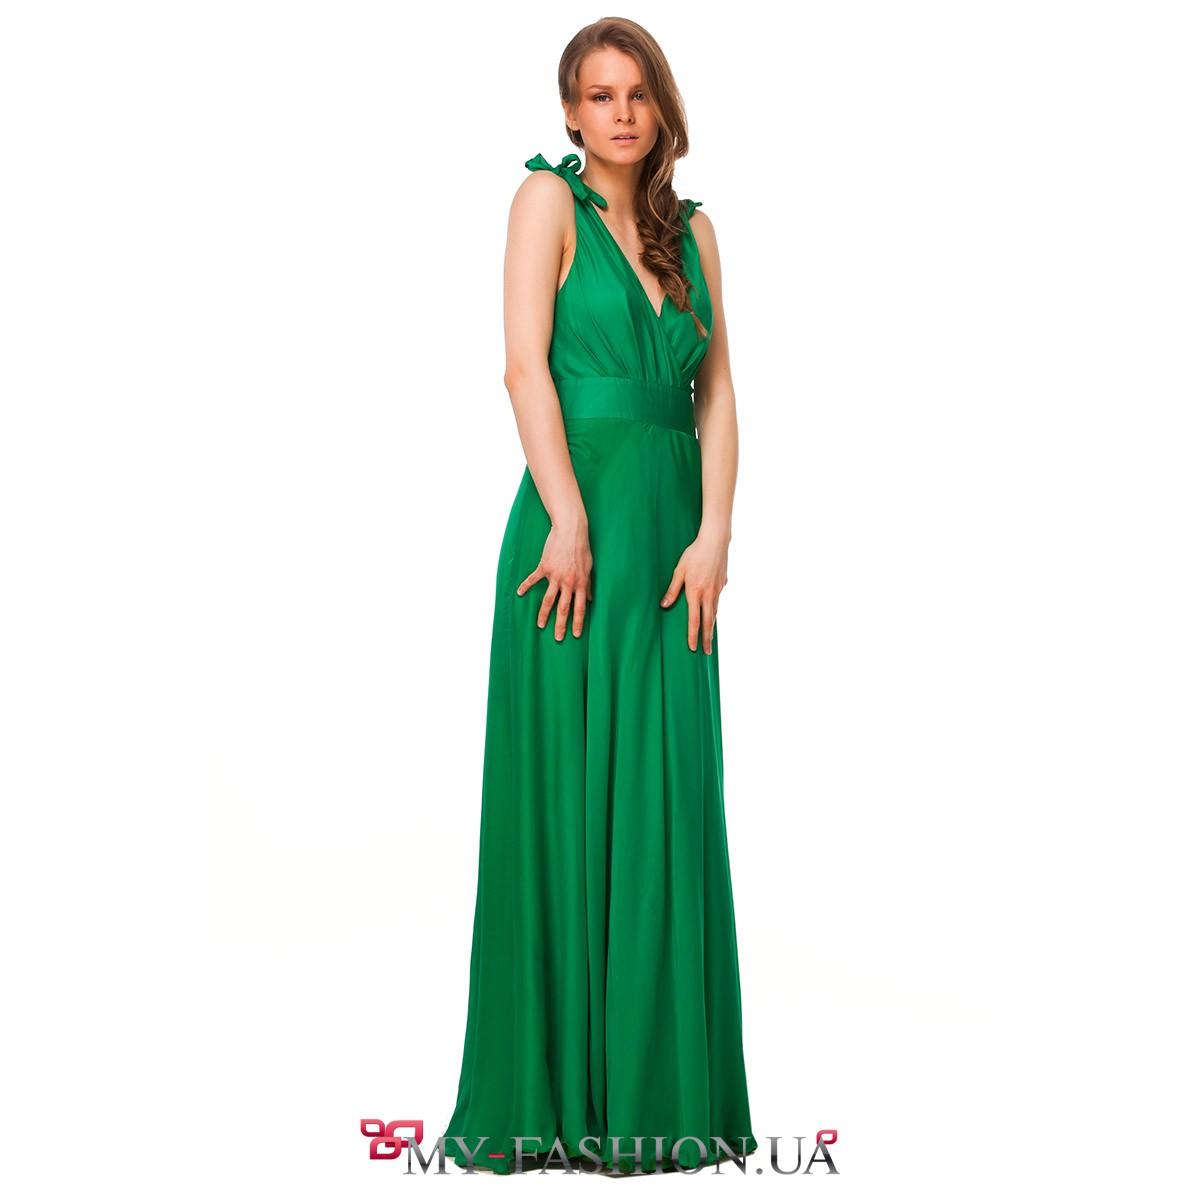 Купить блузку изумрудного цвета в интернет магазине